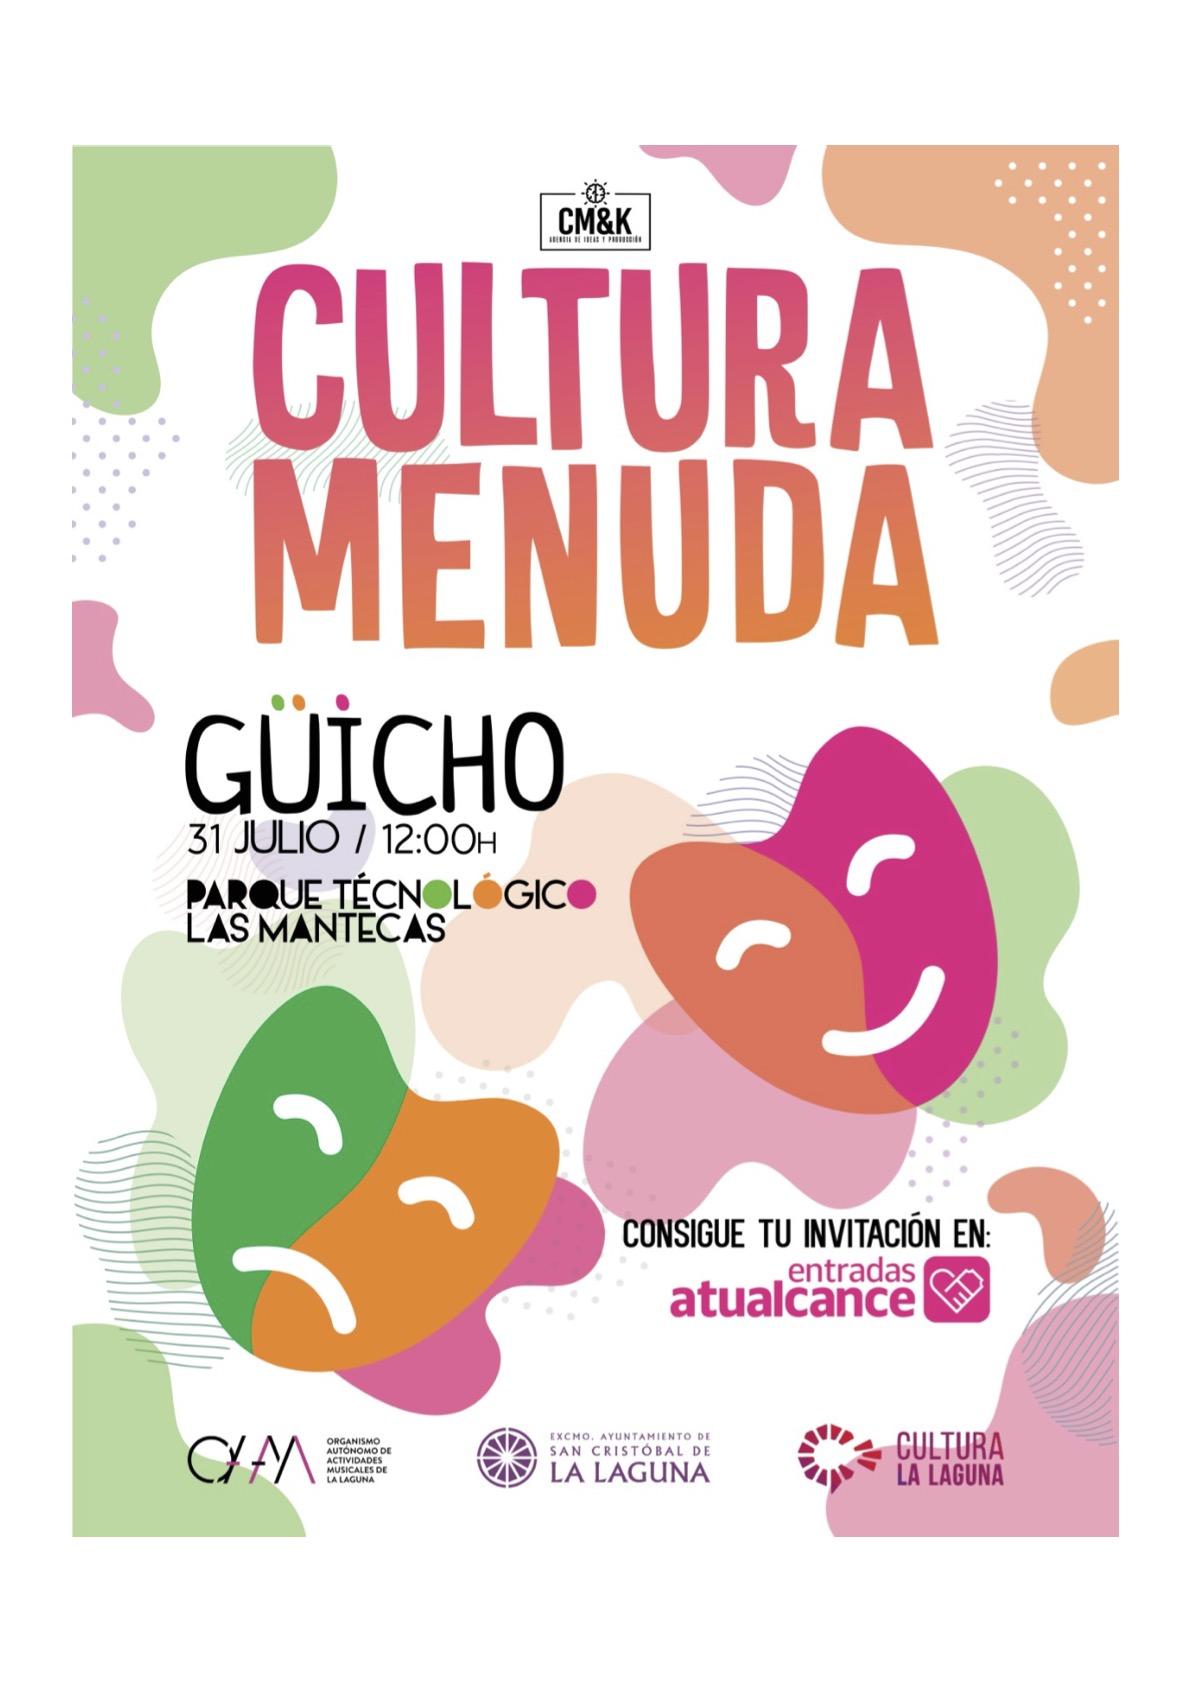 arca-cultura-menuda-gueicho-60f02c499ee6d1.03794235.jpeg